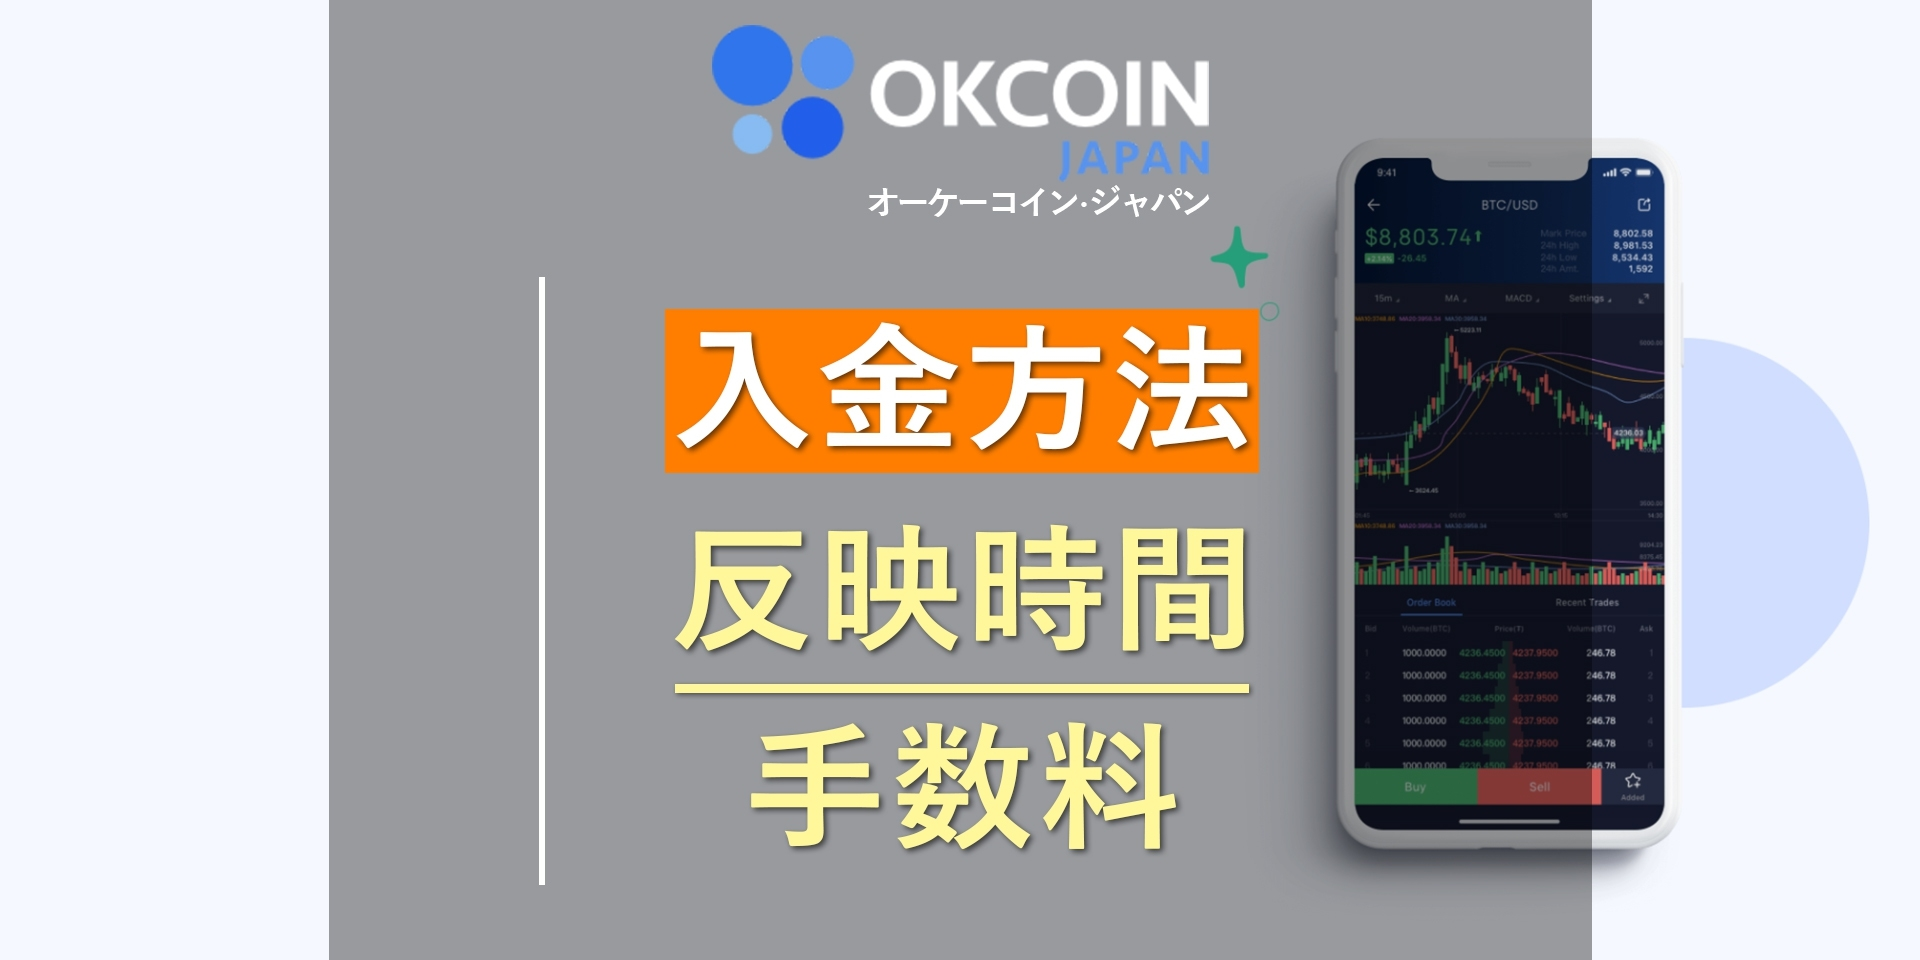 オーケーコインジャパンの入金方法